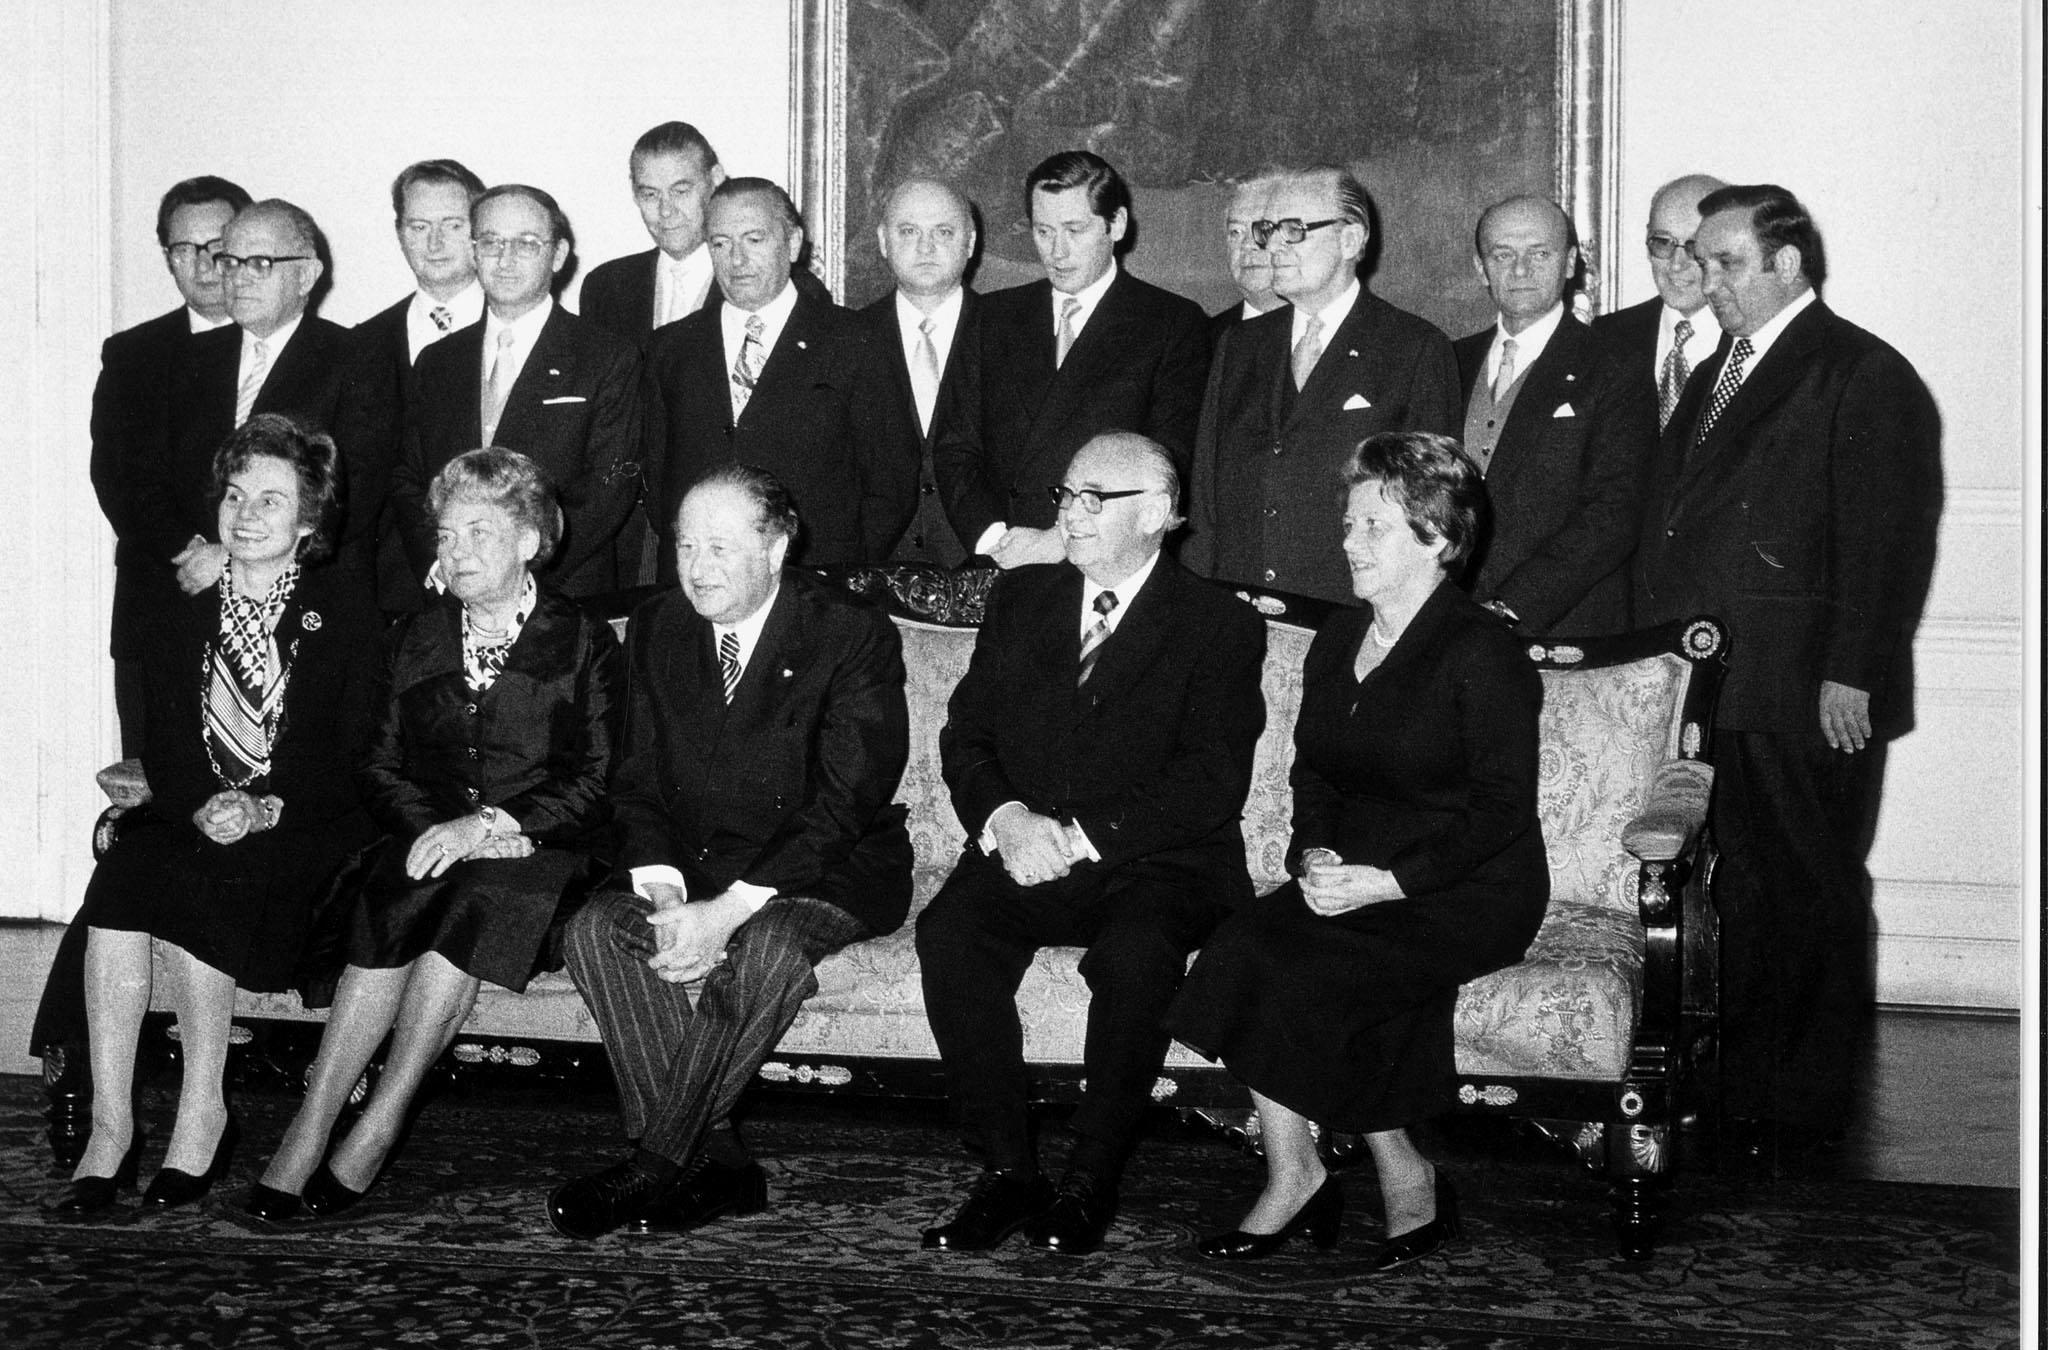 Gruppenfoto der österreichischen Bundesregierung - Kabinett Kreisky III (08. Oktober 1975 bis 05. Juni 1979) v.l.n.r. stehend: Günter Haiden; Chrisian Broda; Erwin Lanc; Eugen Veselsky; Otto Rösch; Josef Moser; Karl Lausecker; Hannes Androsch; Oskar Weihs; Karlheinz-Erich Bielka; Karl Lütgendorf; Josef Staribacher; Fred Sinowatz v.l.n.r. sitzend: Elfriede Karl, Hertha Firnberg; Bruno Kreisky; Rudolf Häuser; Ingrid Leodolter